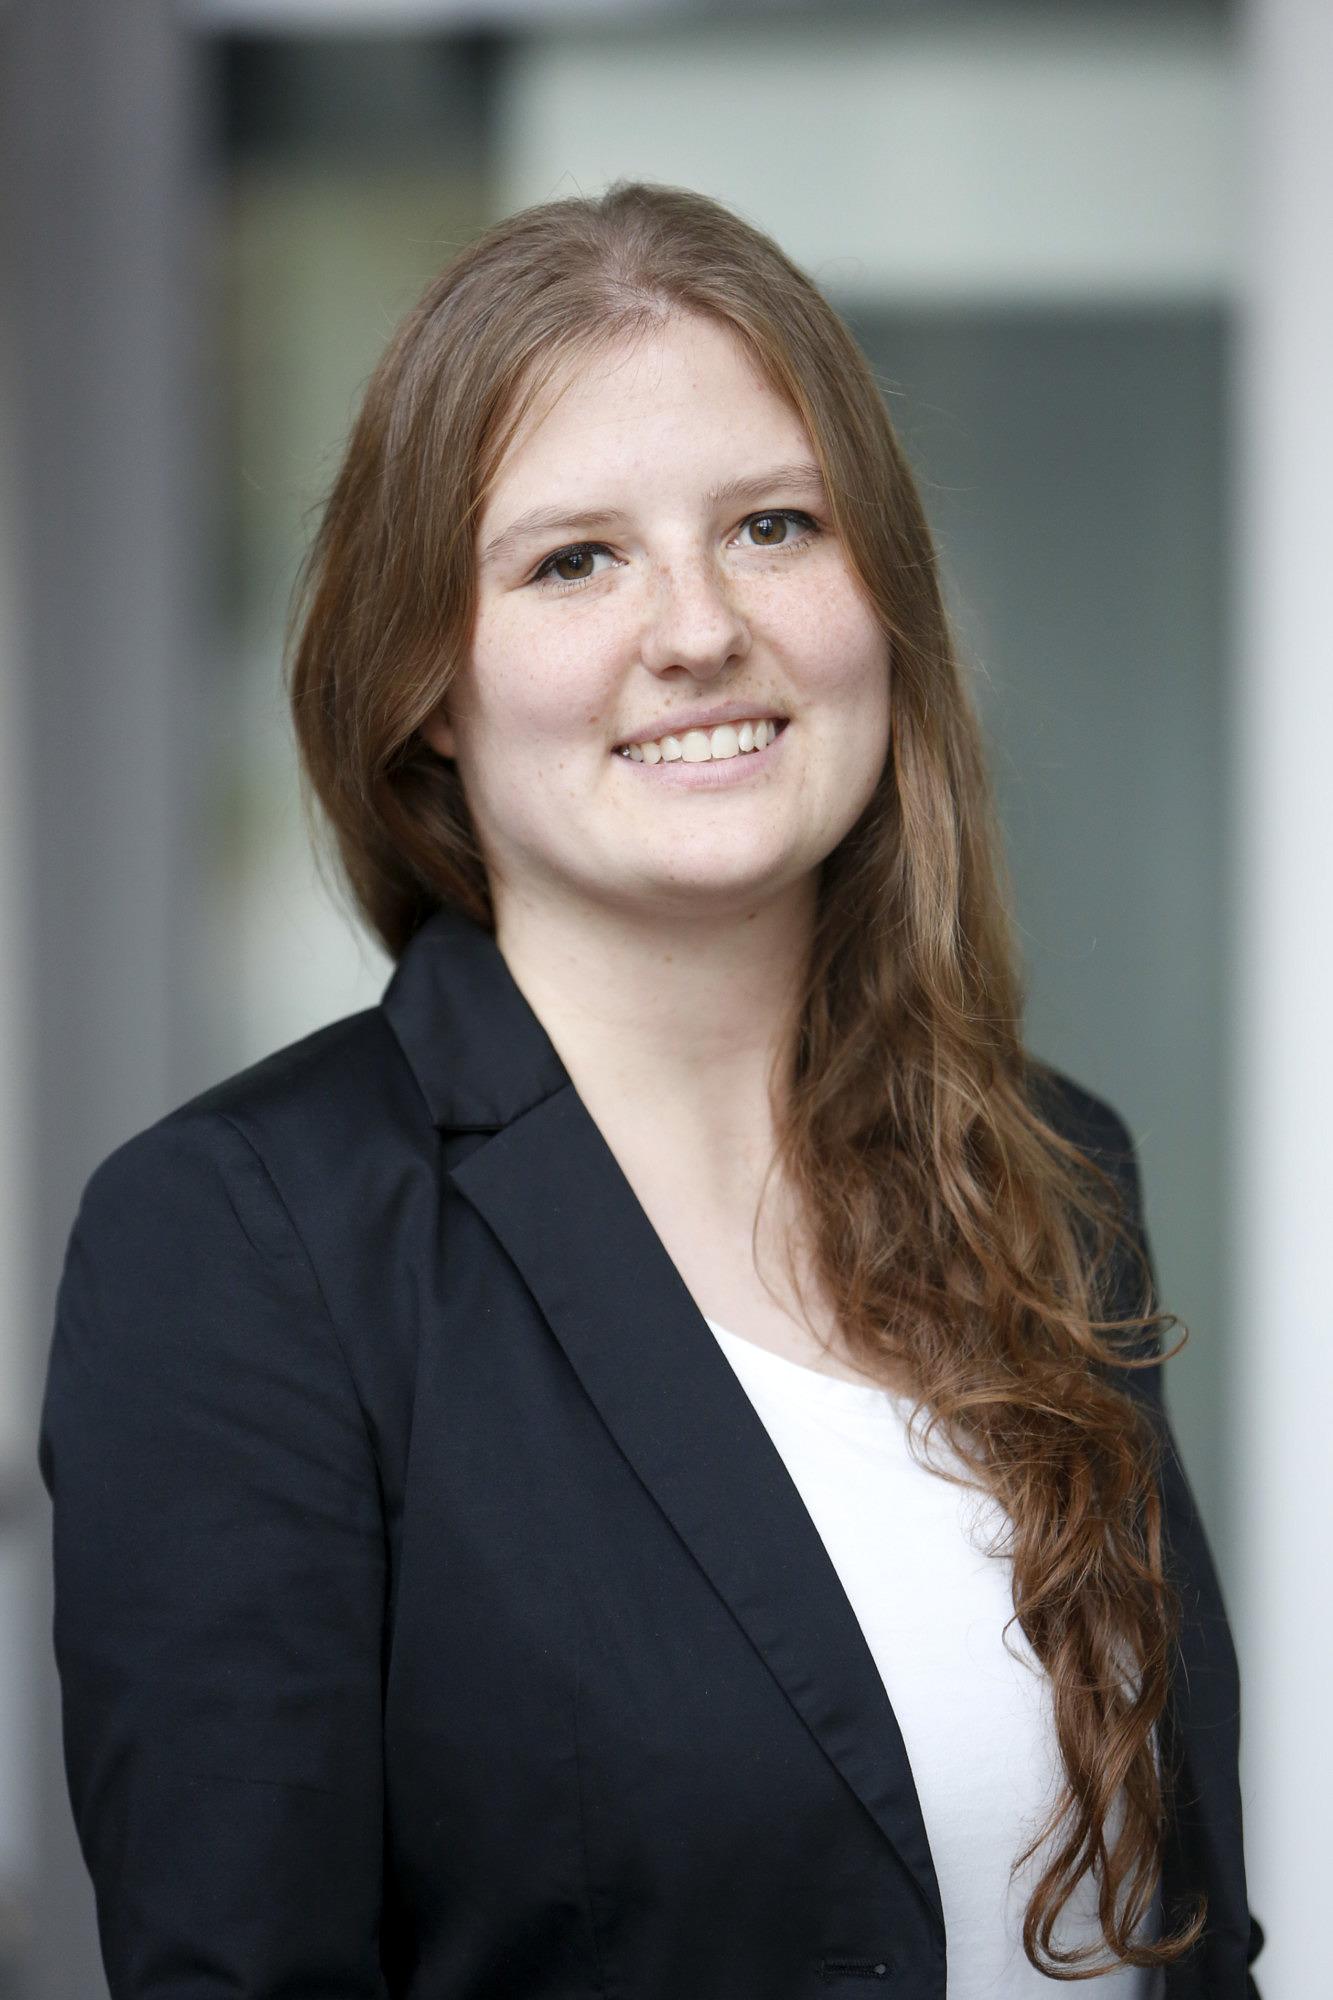 Anna Jöchner